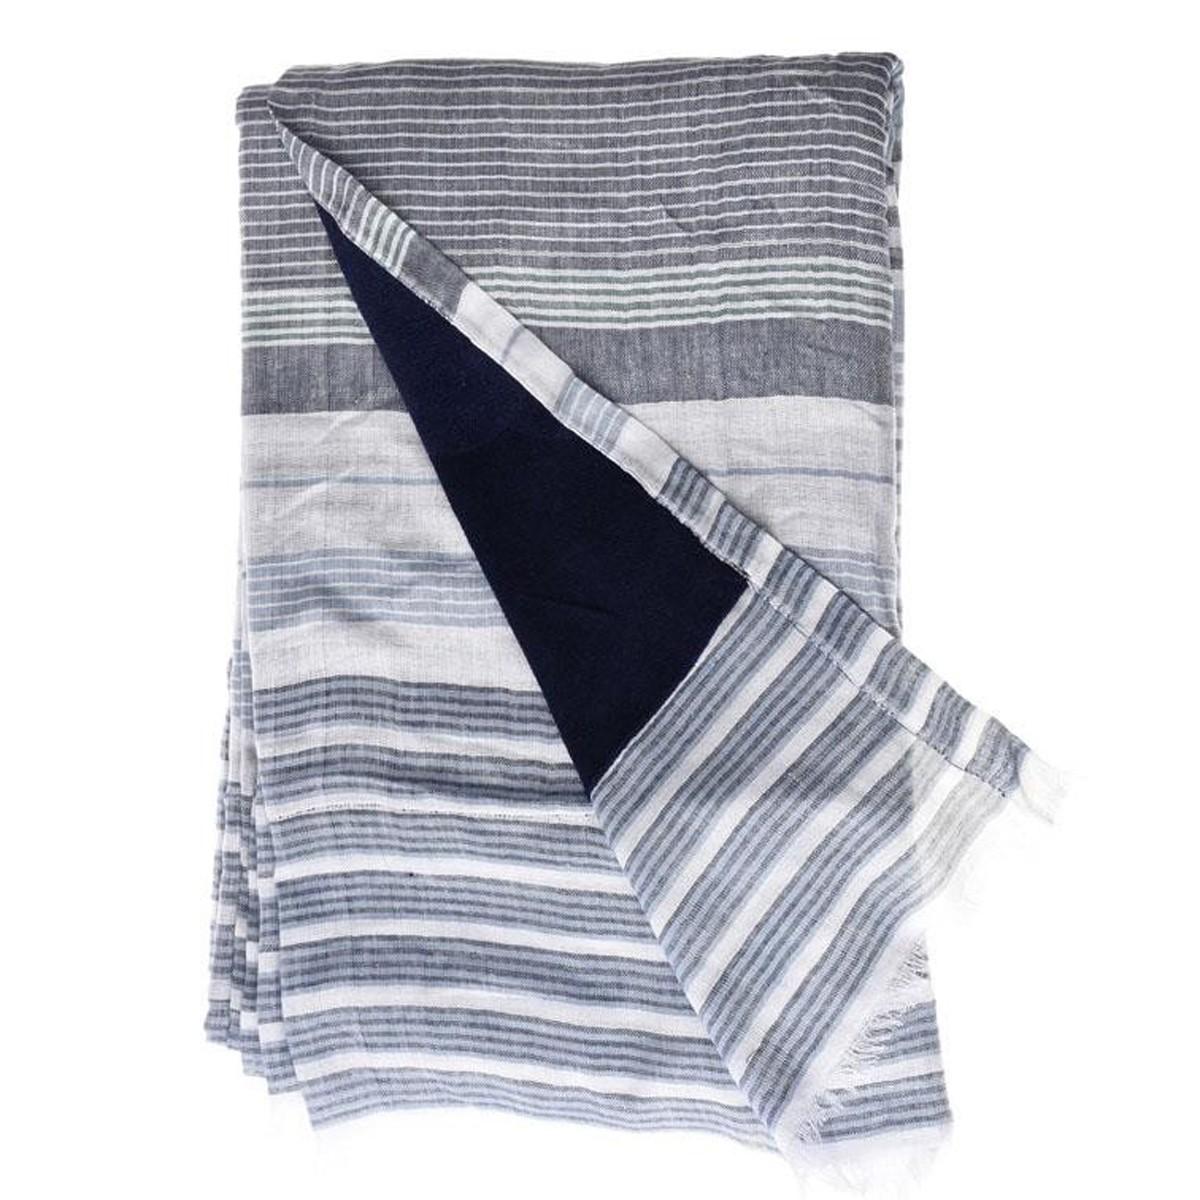 Πετσέτα Θαλάσσης - Παρεό InArt Ble 5-46-732-0001